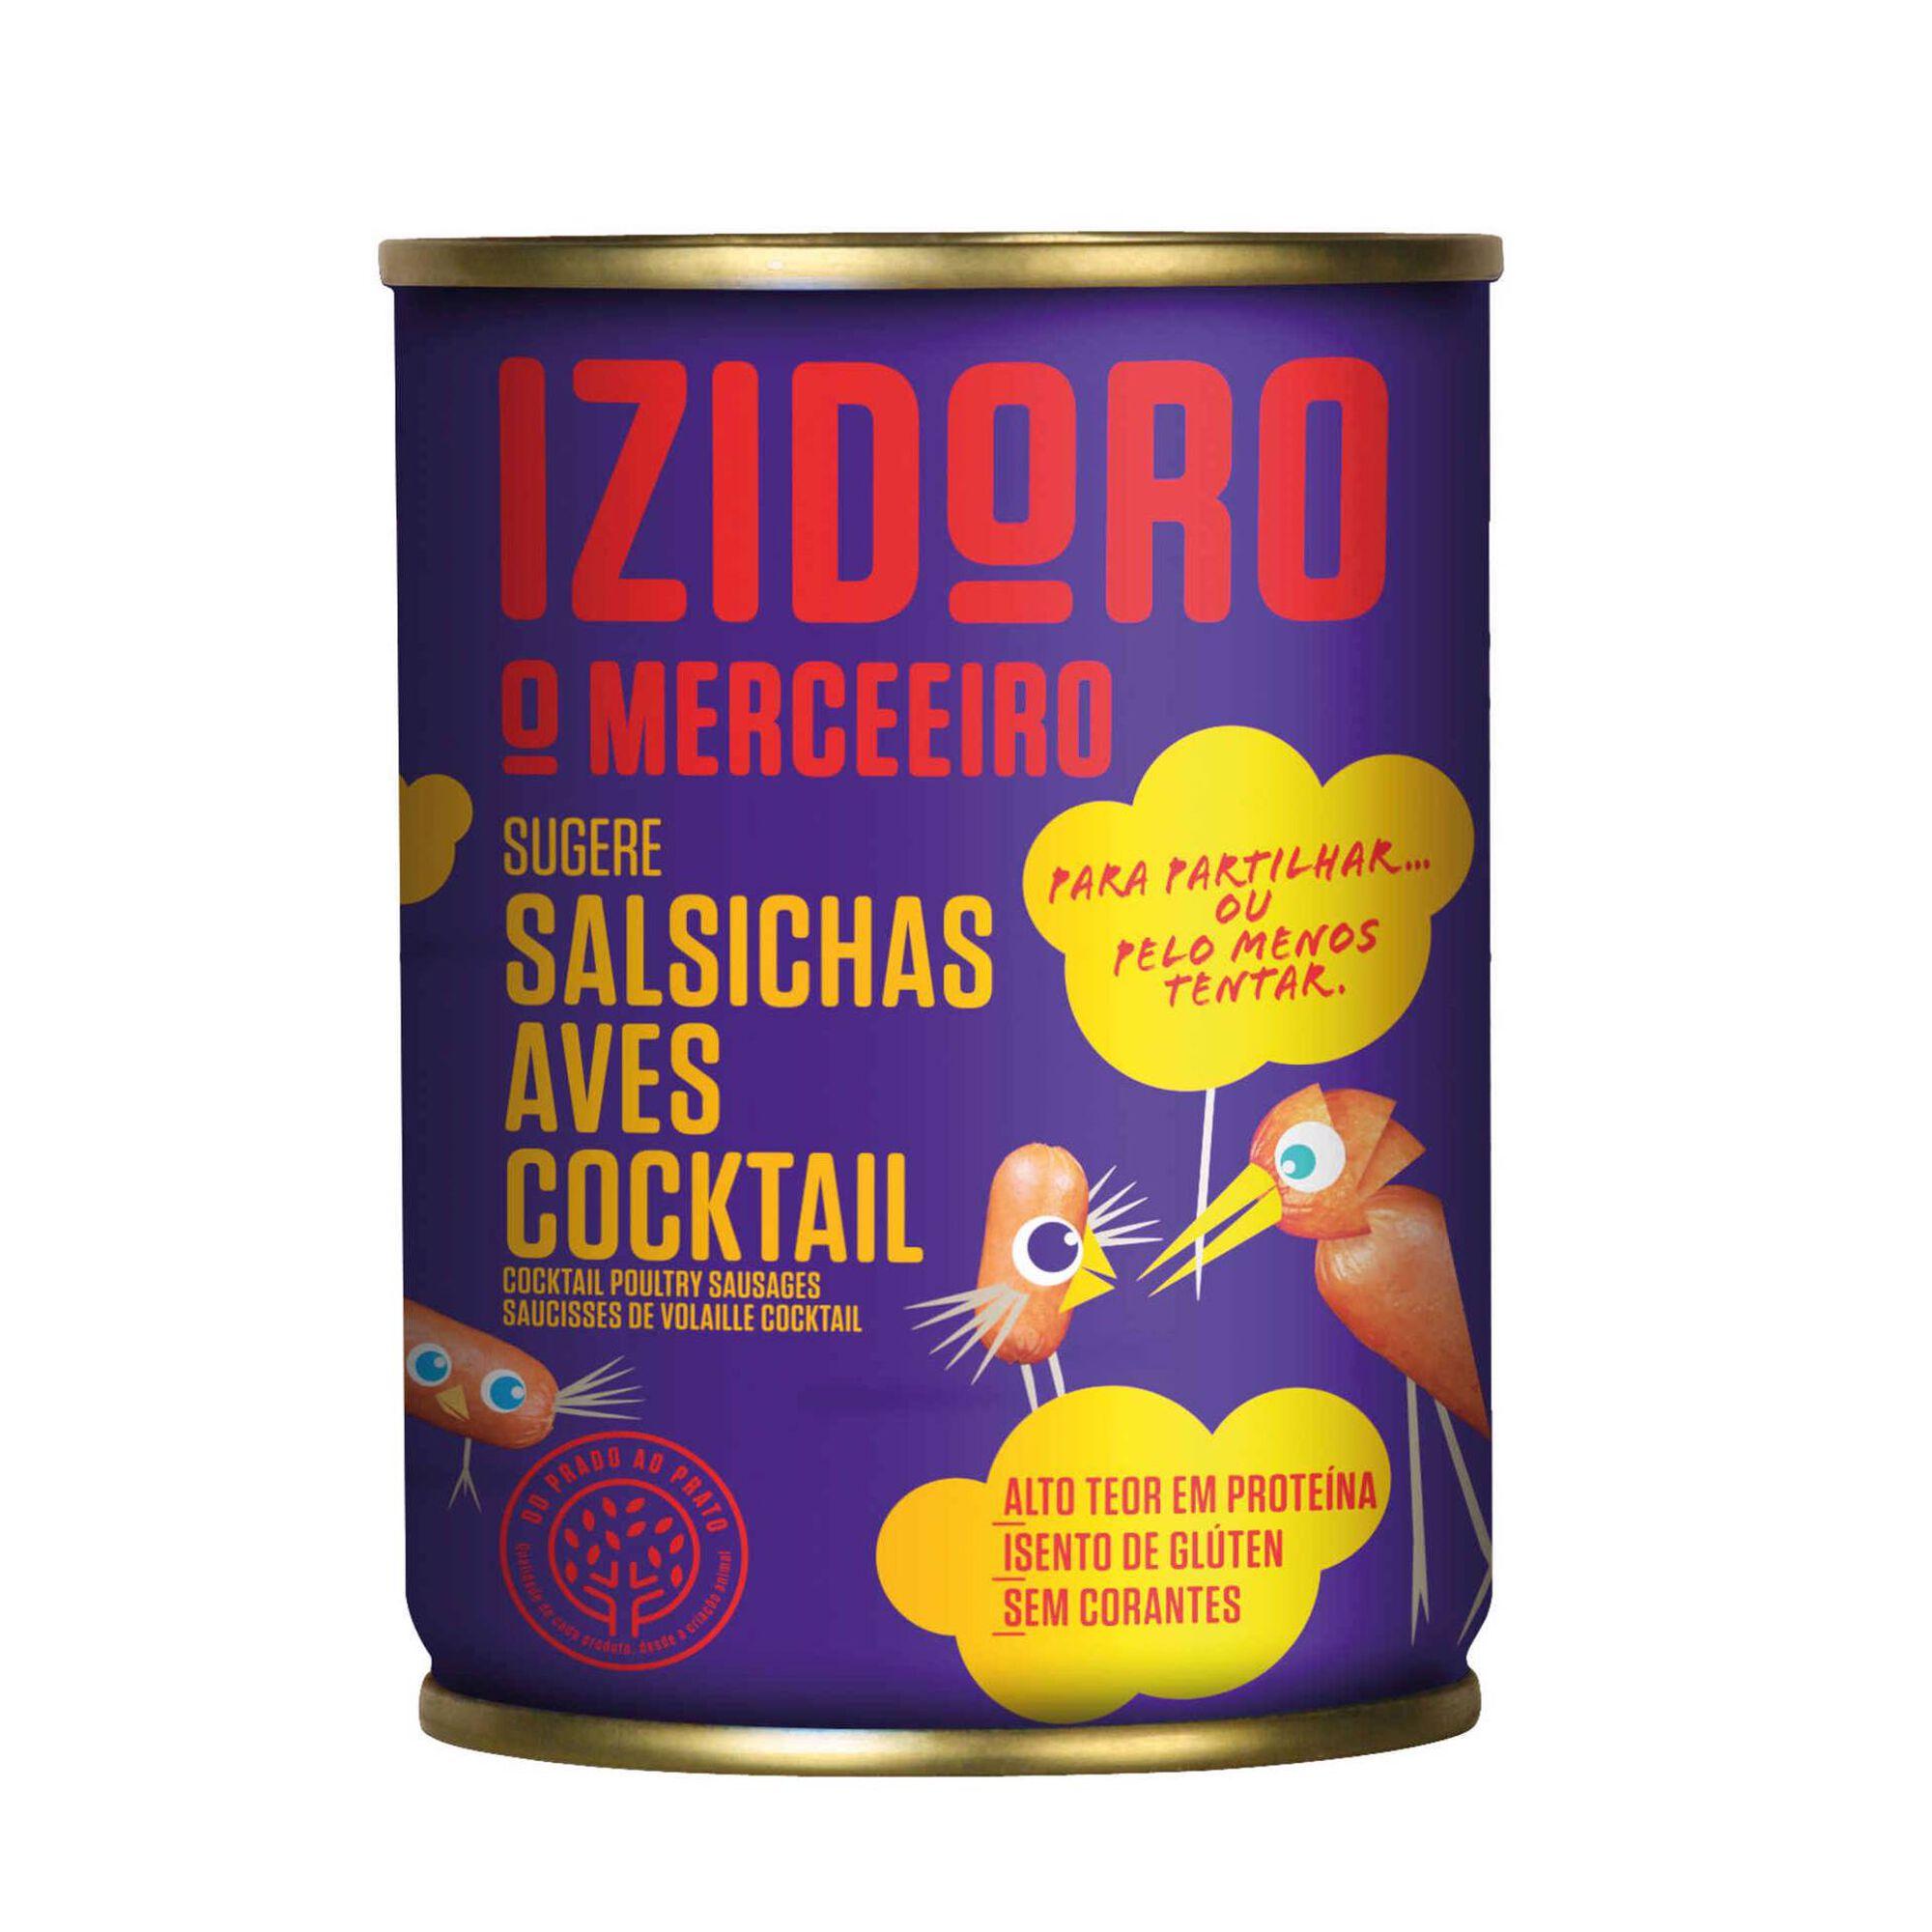 Salsichas de Aves Cocktail Lata